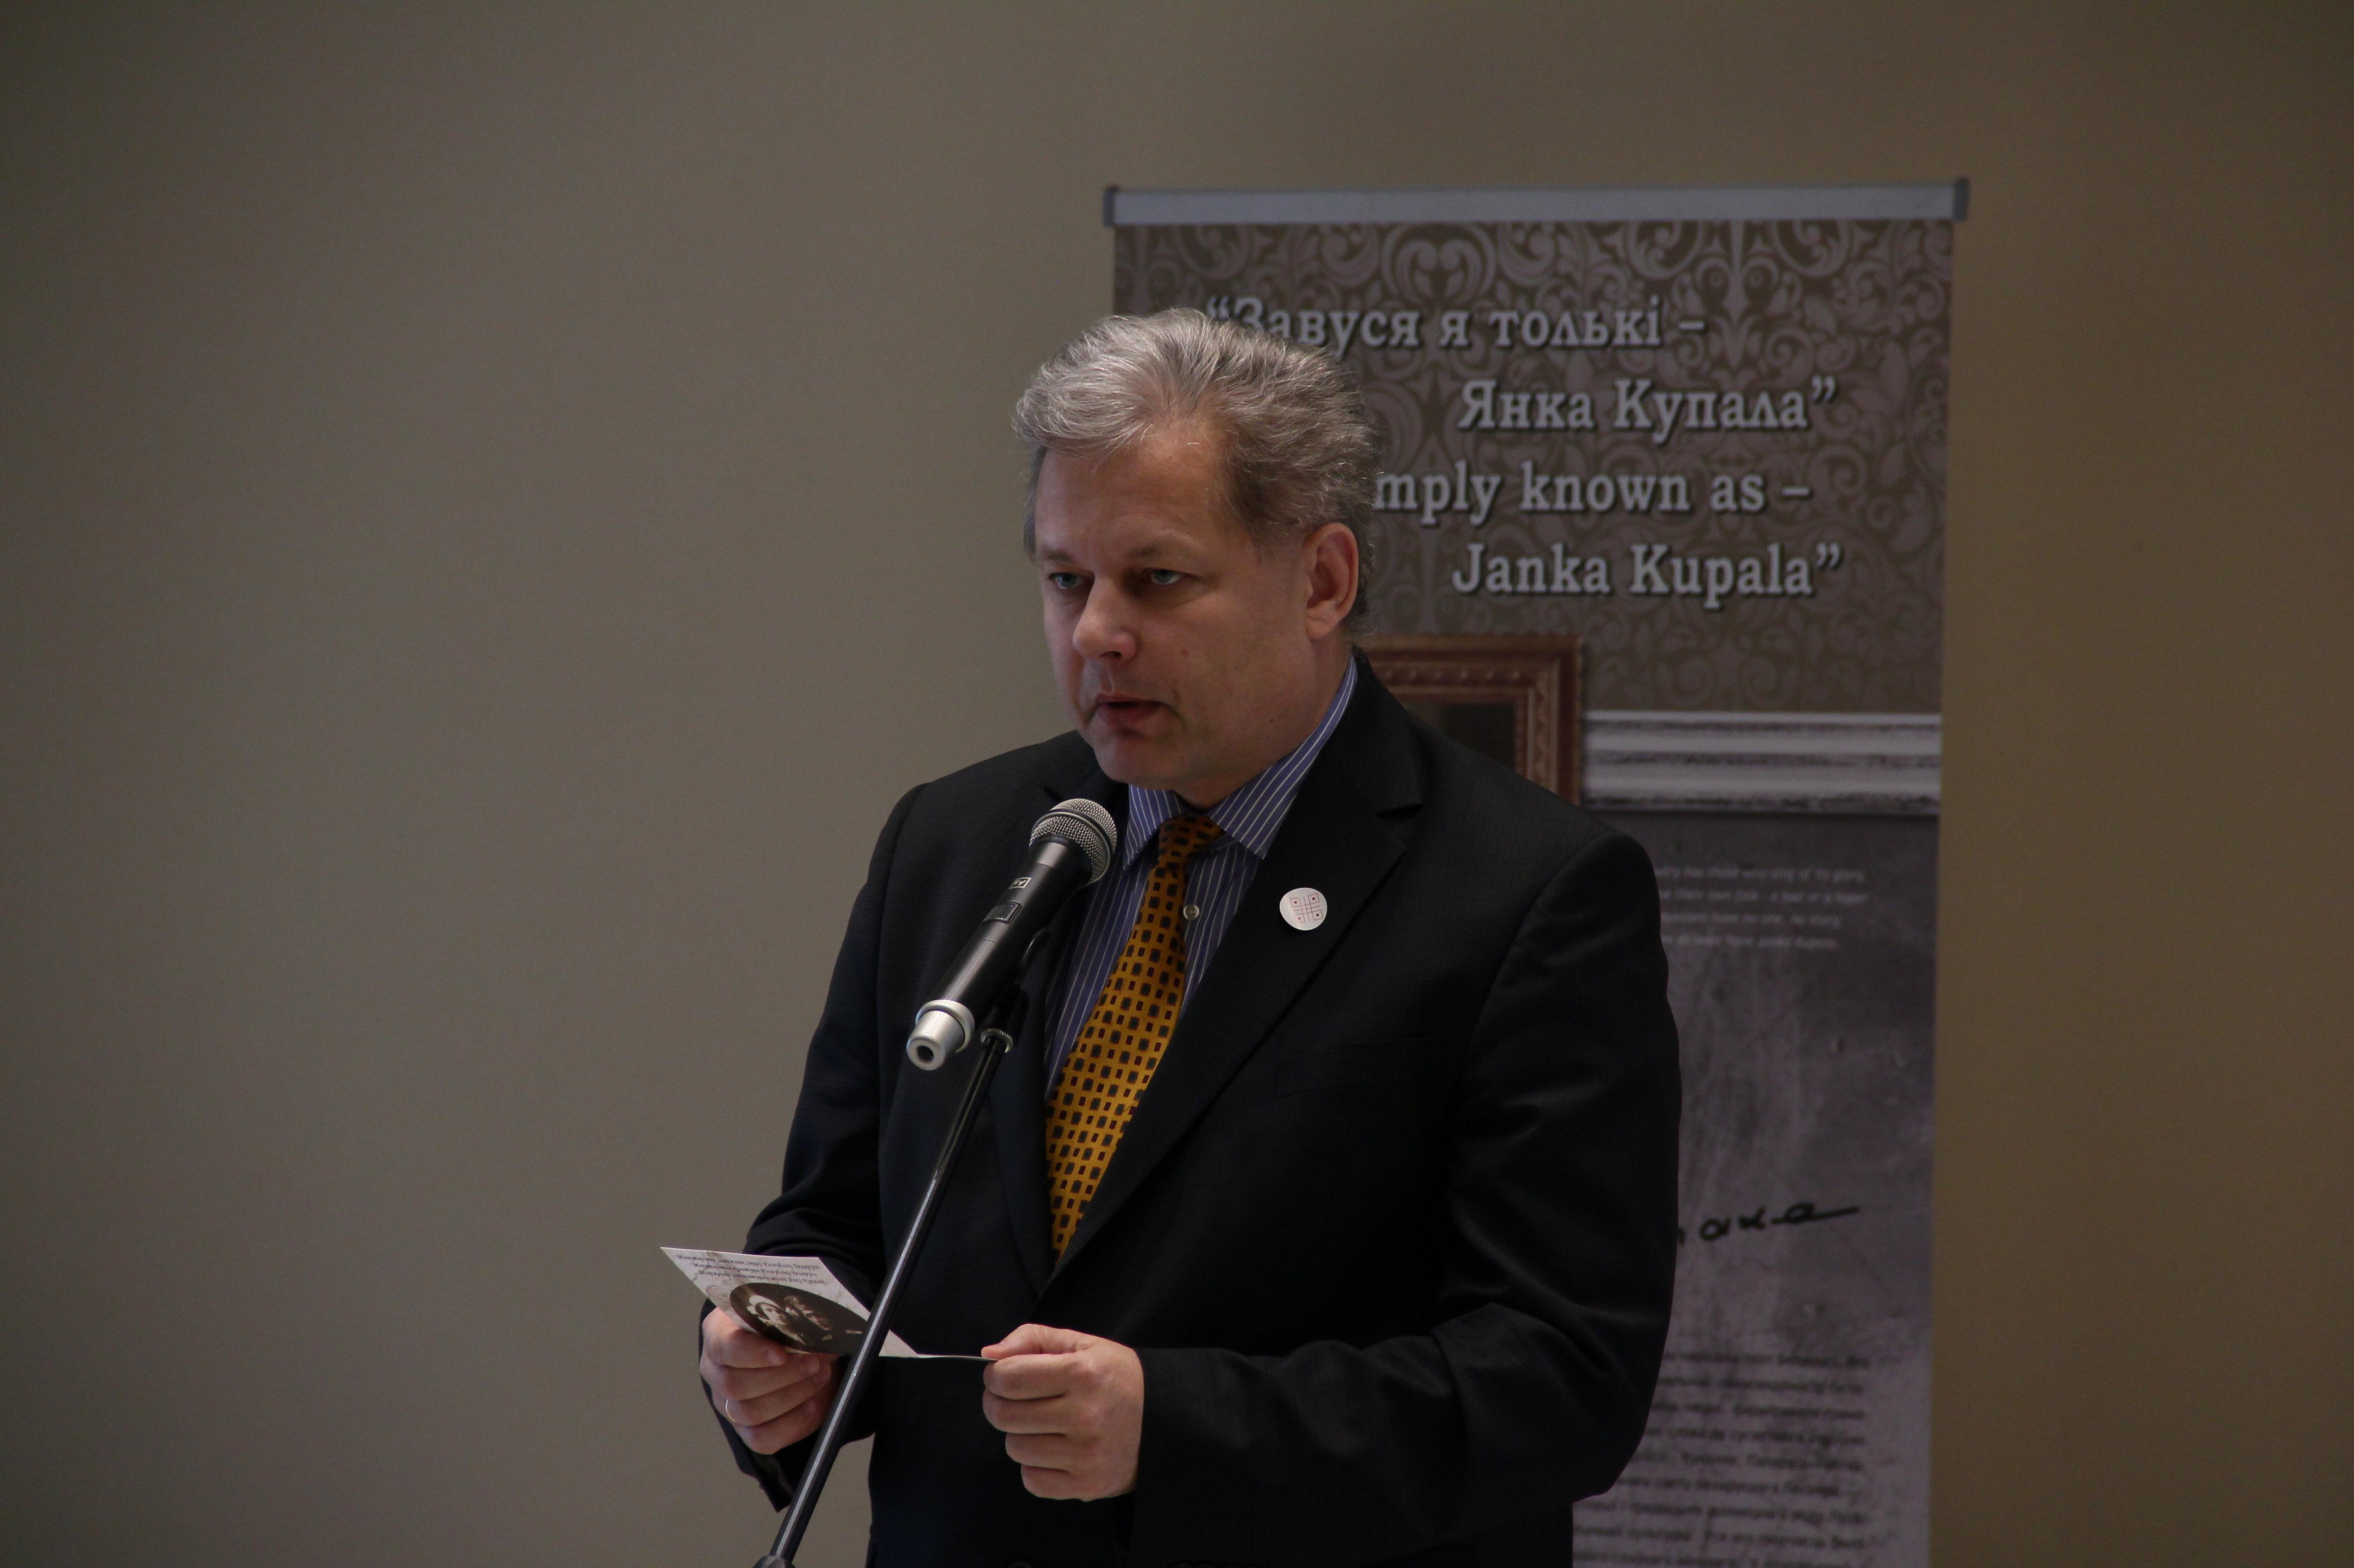 Посол Литвы Эвалдас Игнатавичюс читает стихи Янки Купалы